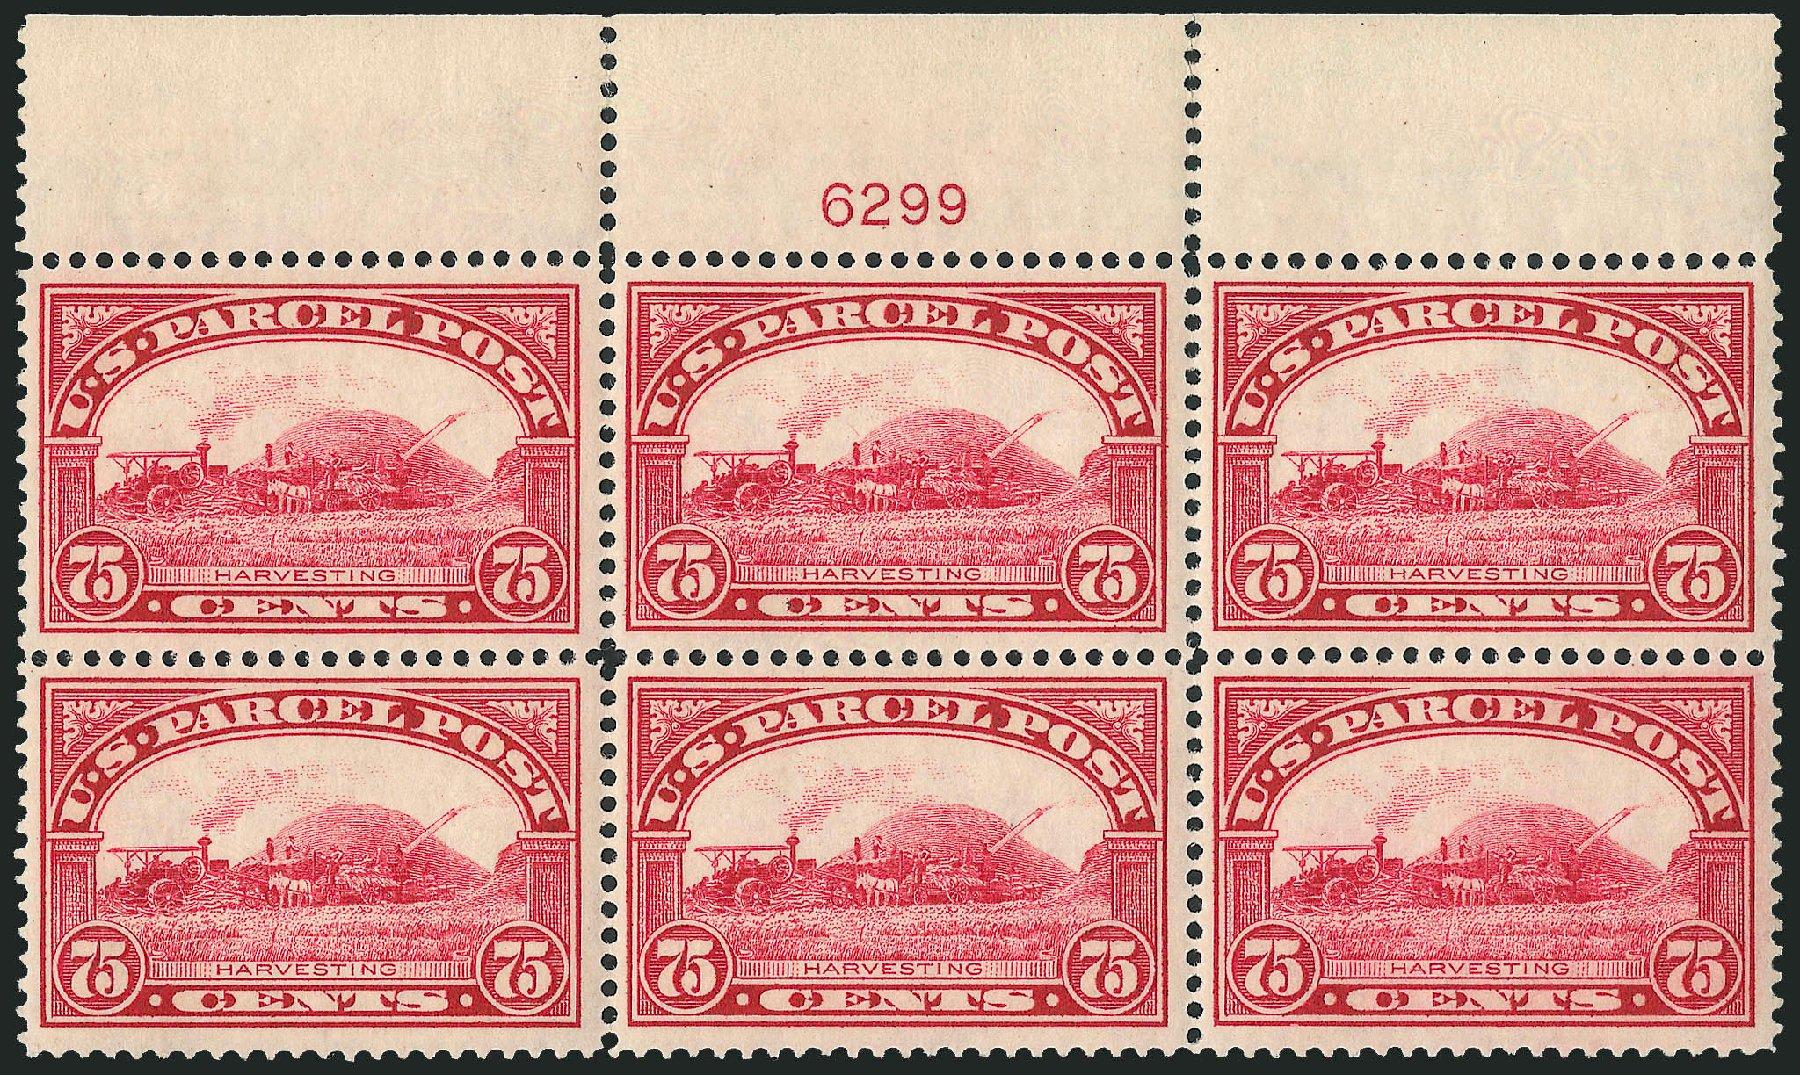 US Stamp Values Scott Catalog #Q11 - 75c 1913 Parcel Post. Robert Siegel Auction Galleries, Apr 2009, Sale 971, Lot 2202